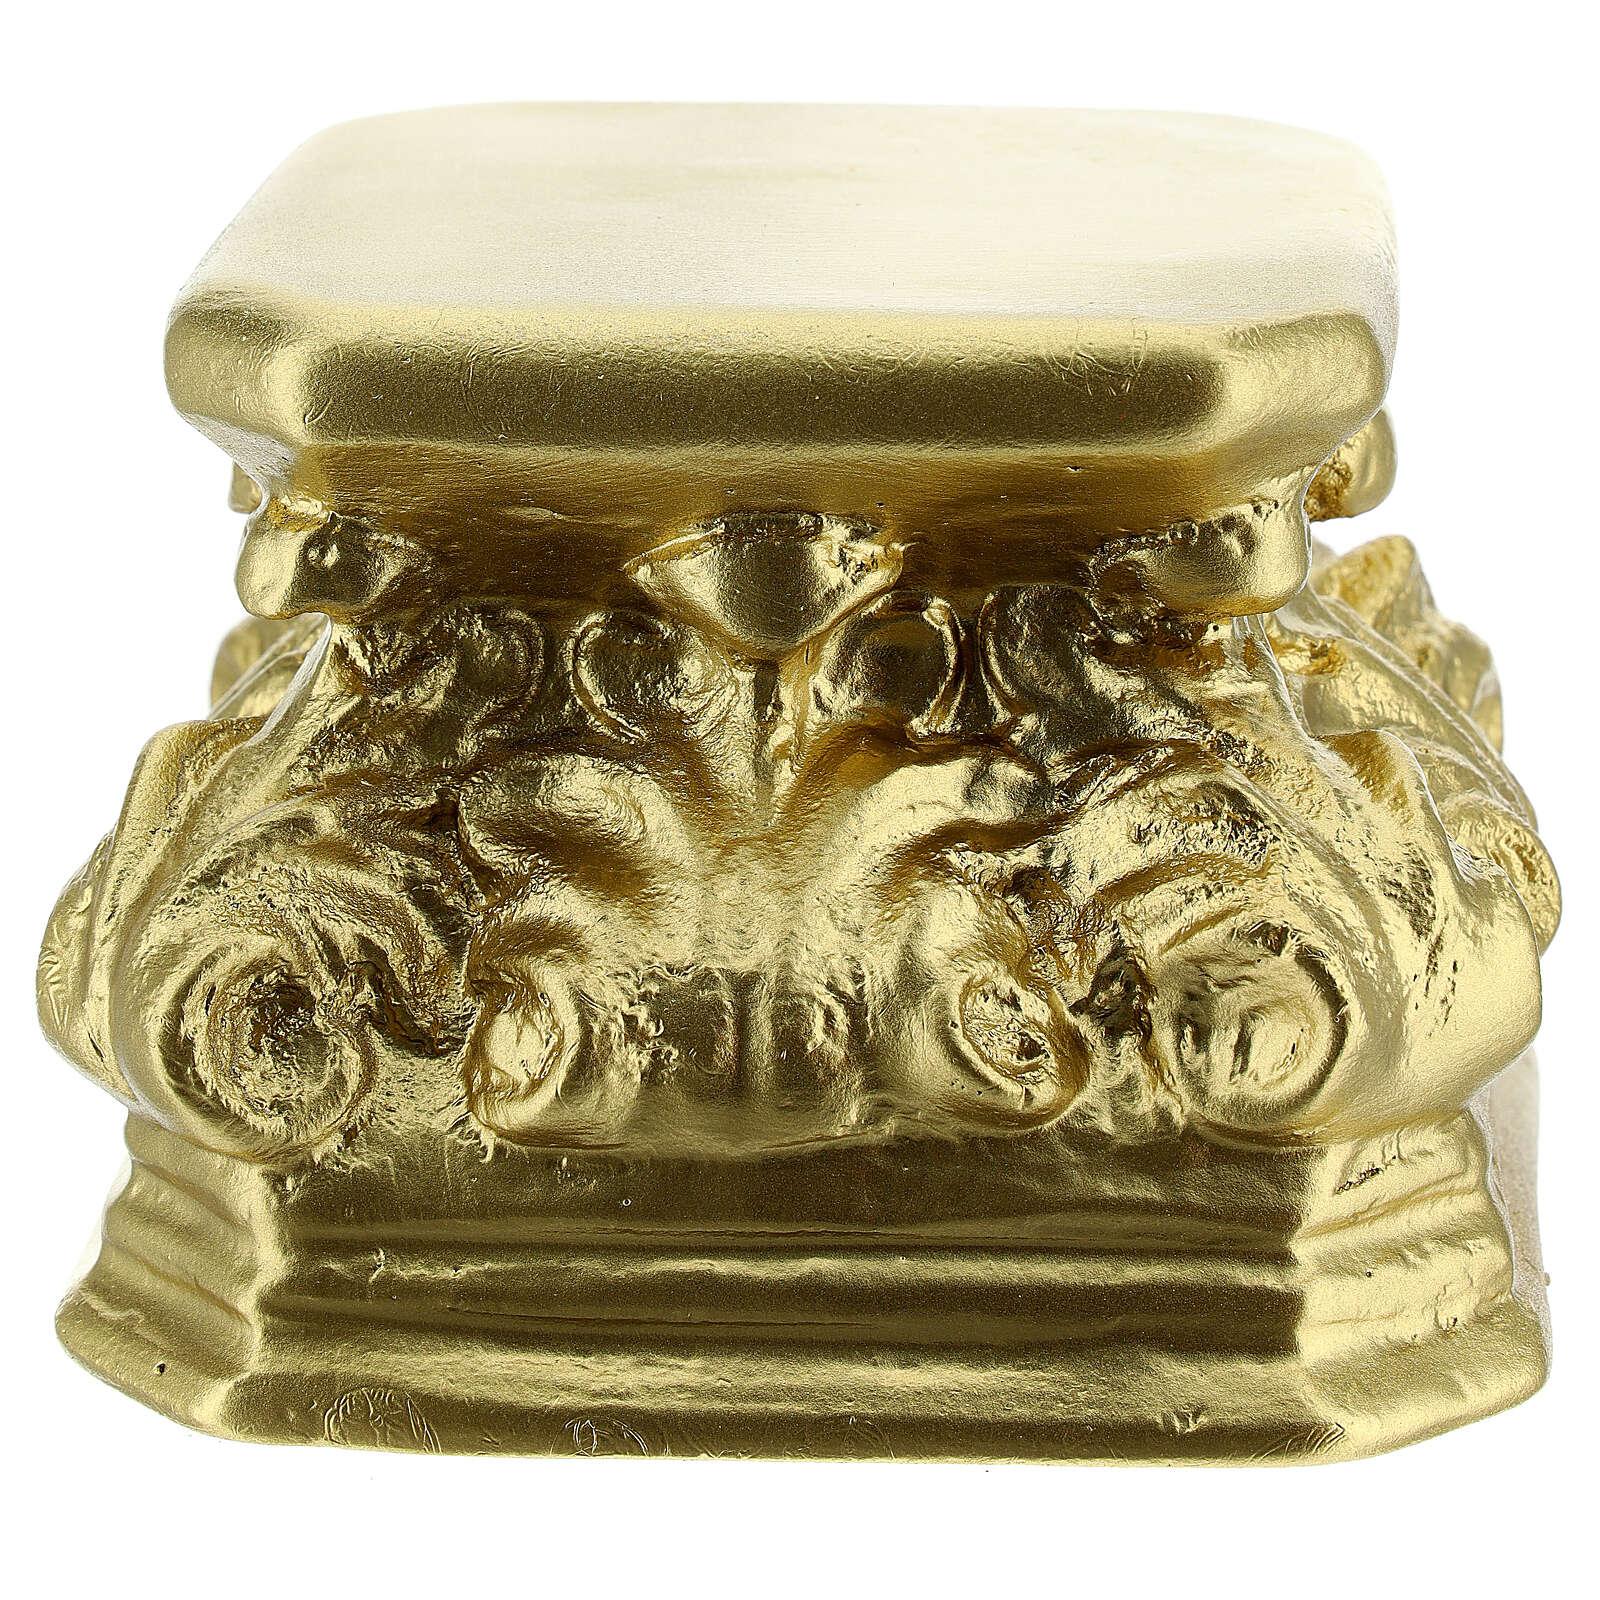 Gold plaster base for statues 11x11x9 cm Arte Barsanti 4